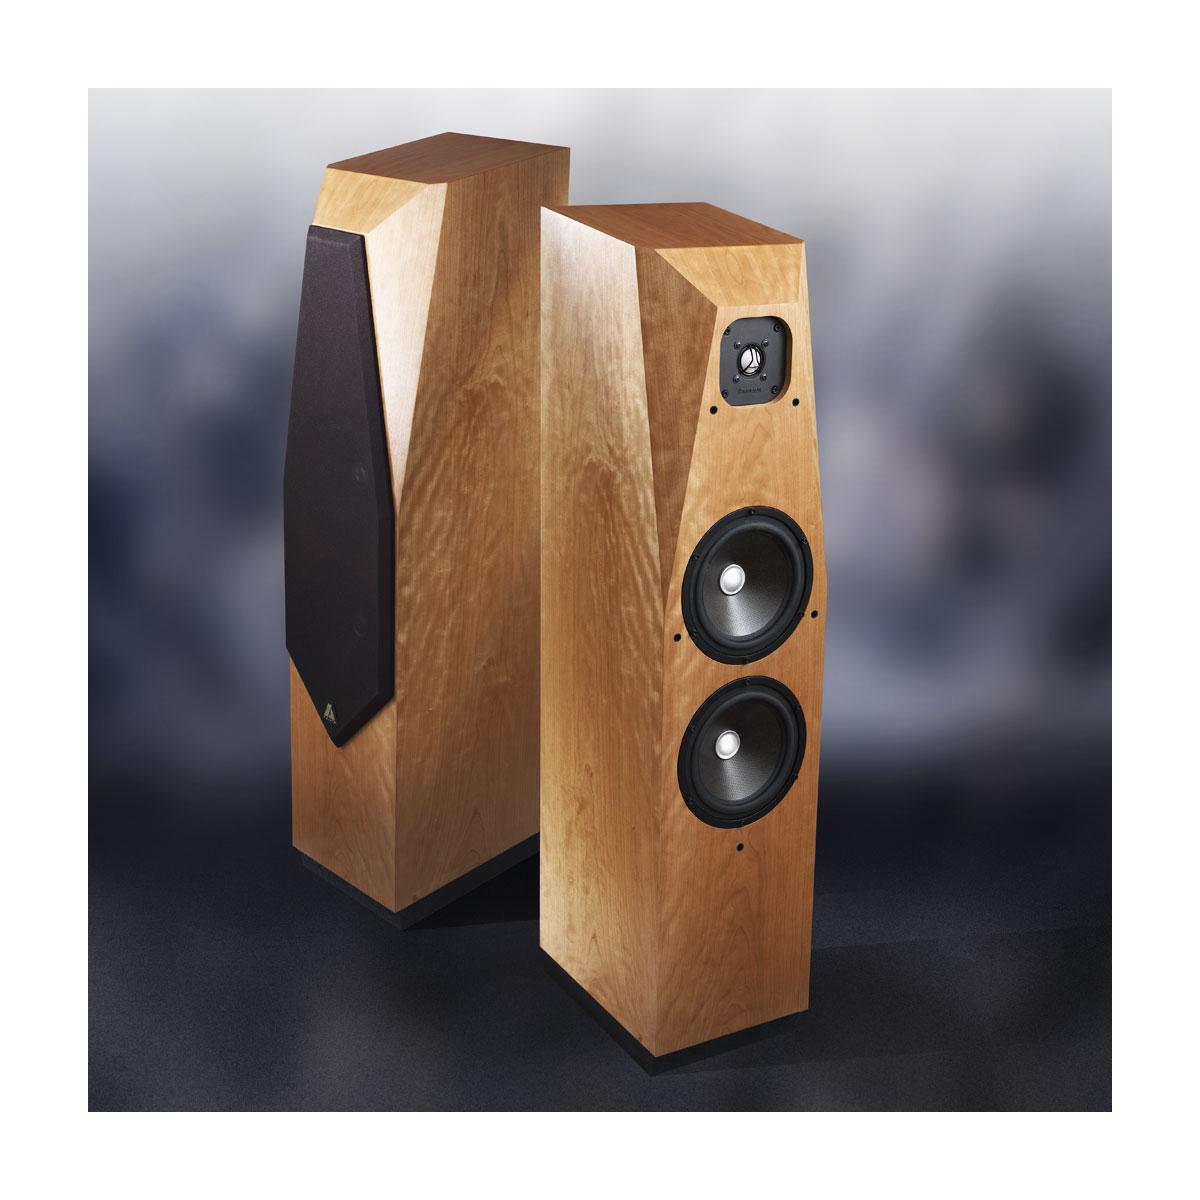 Avalon Acoustics Idea Maple 価格お問い合わせください。 アヴァロン スピーカーシステム ペア